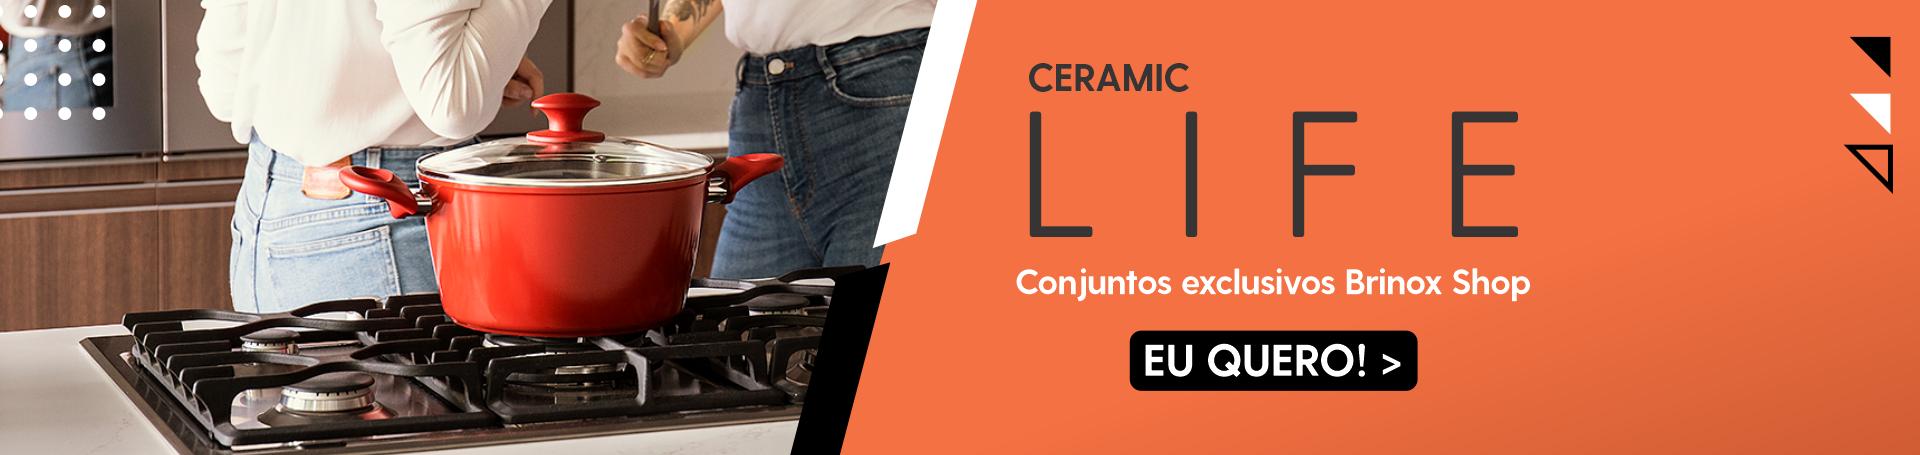 Ceramic Life Exclusivo